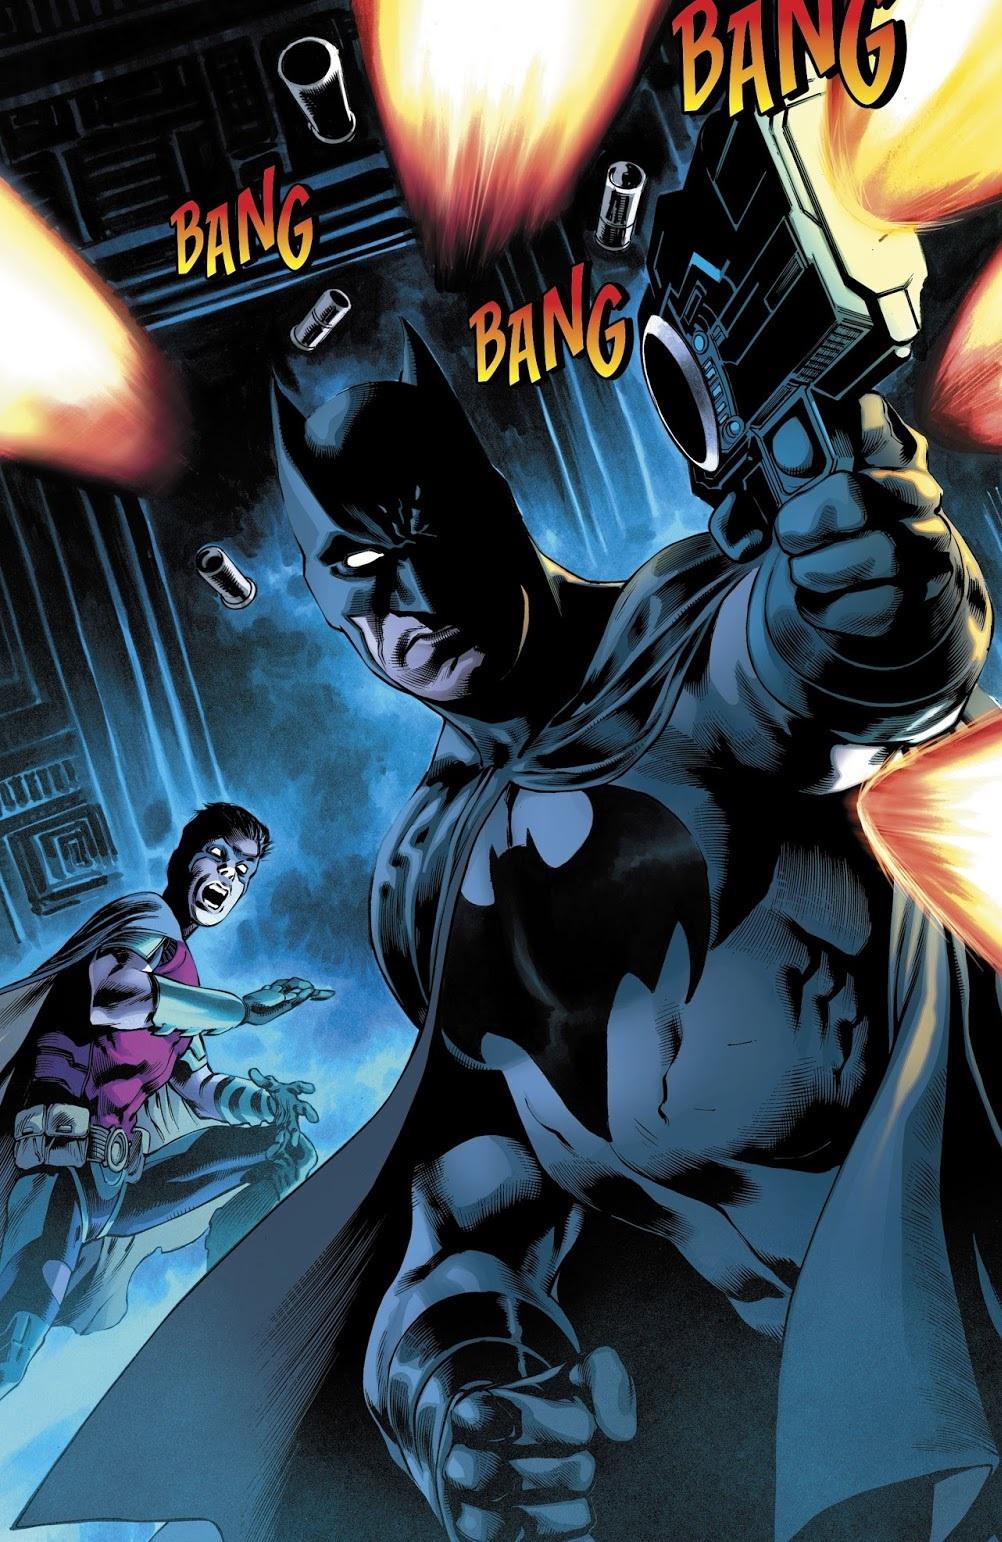 Бэтмен будущего, данетот: как два Тима Дрейка встретились настраницах комикса DC. - Изображение 10